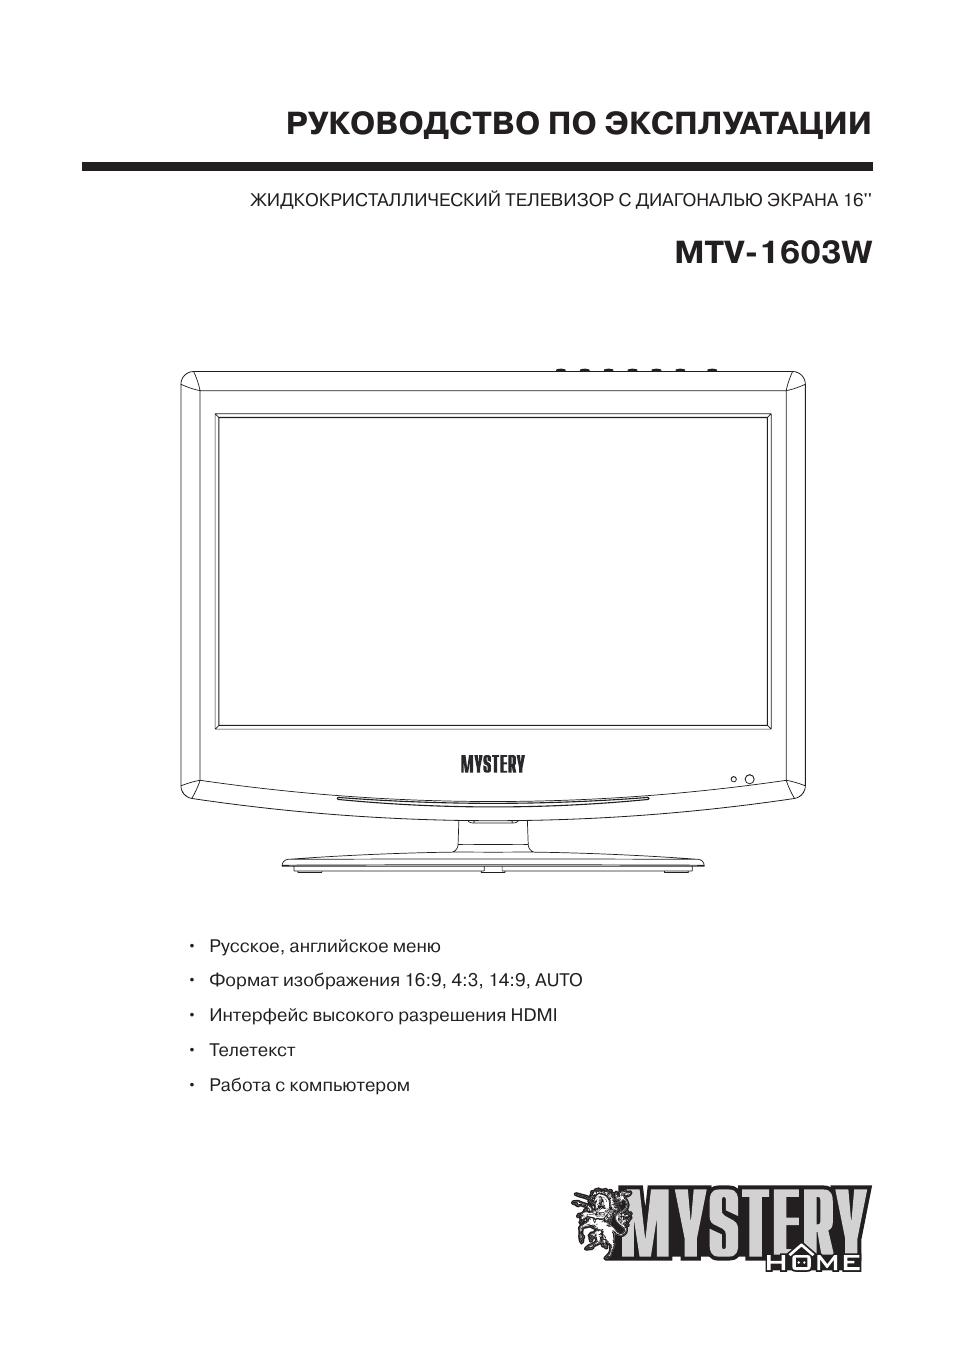 инструкция на телевизор mystery